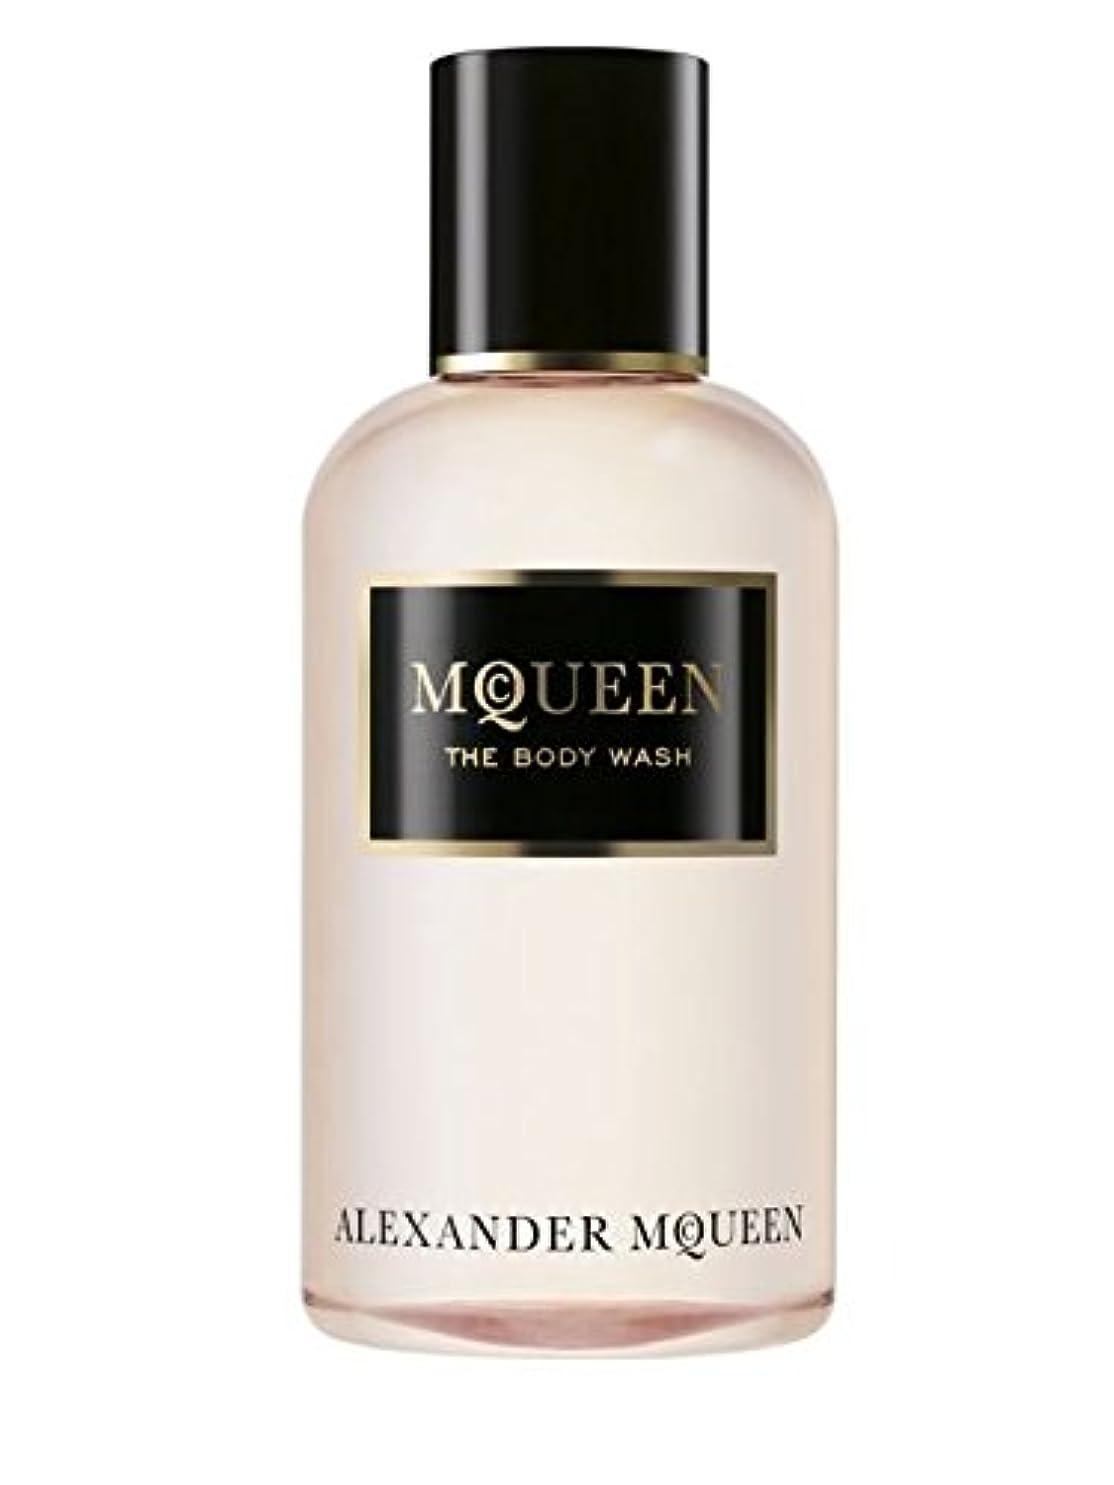 緊張するアフリカ人認めるMcQueen (マクイーン) 8.4 oz (250ml) Body Wash by Alexander McQueen for Women